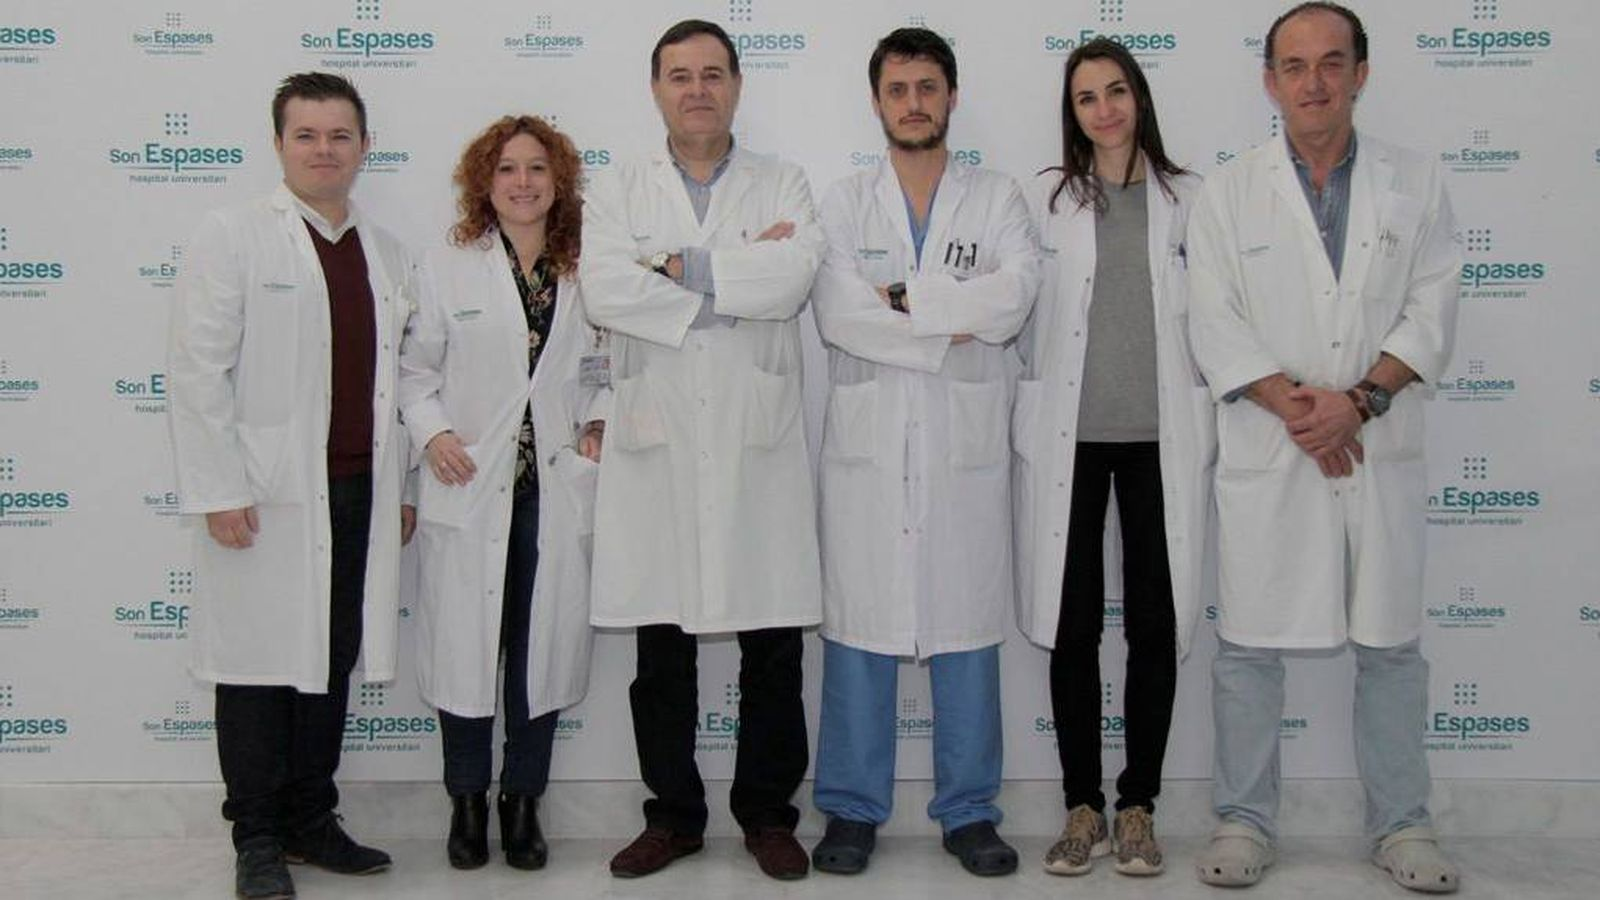 Foto: El doctor Juan José Segura, cuarto por la izquierda, con su equipo.